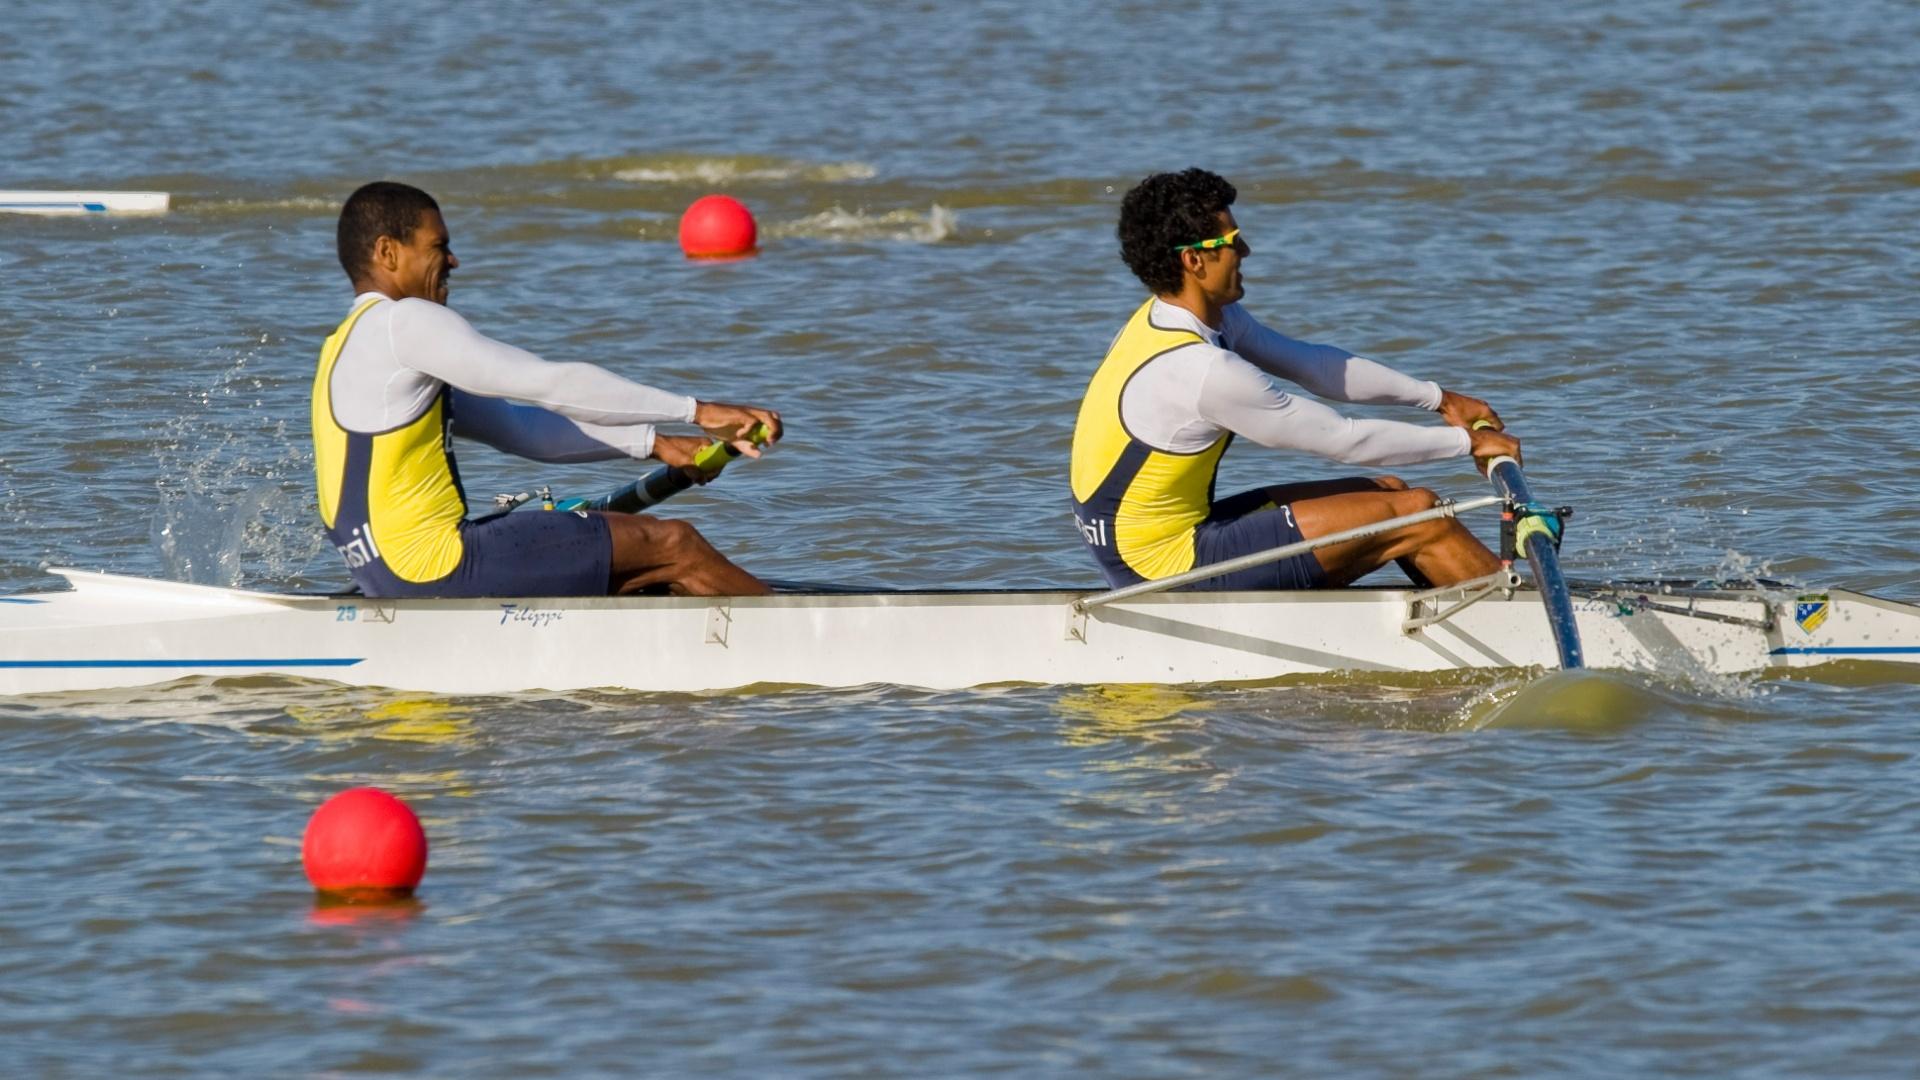 Os brasileiros João Borges Junior (esquerda) e Alexis Mestre se classificaram em primeiro lugar no dois sem (16/10/2011)